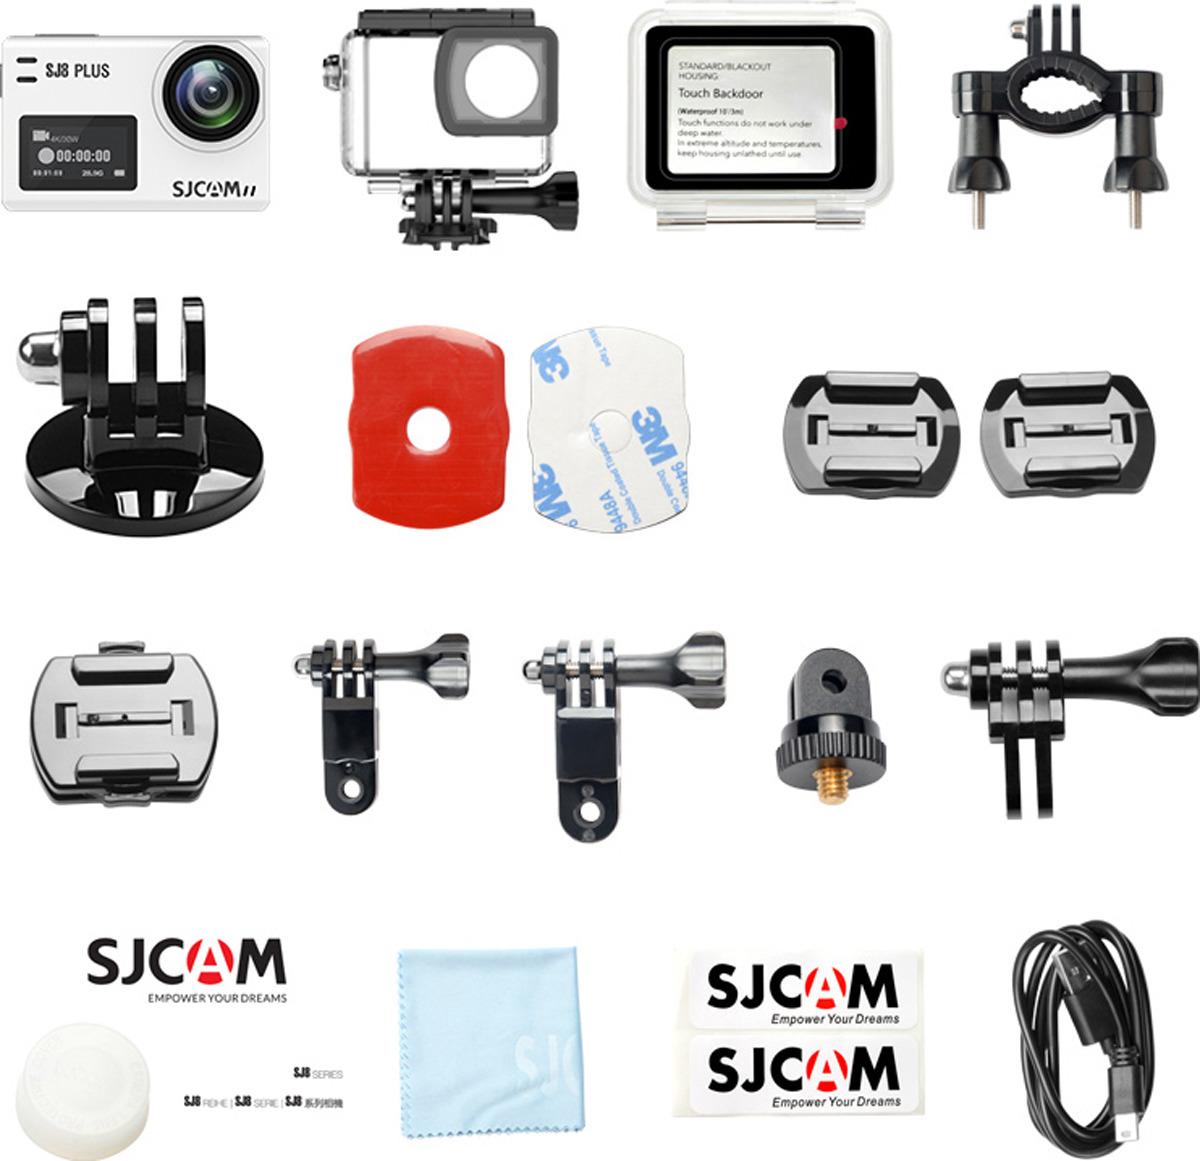 Экшн-камера SJCAM SJ8 Plus, SJ8 Plus (rose), розовый SJCAM